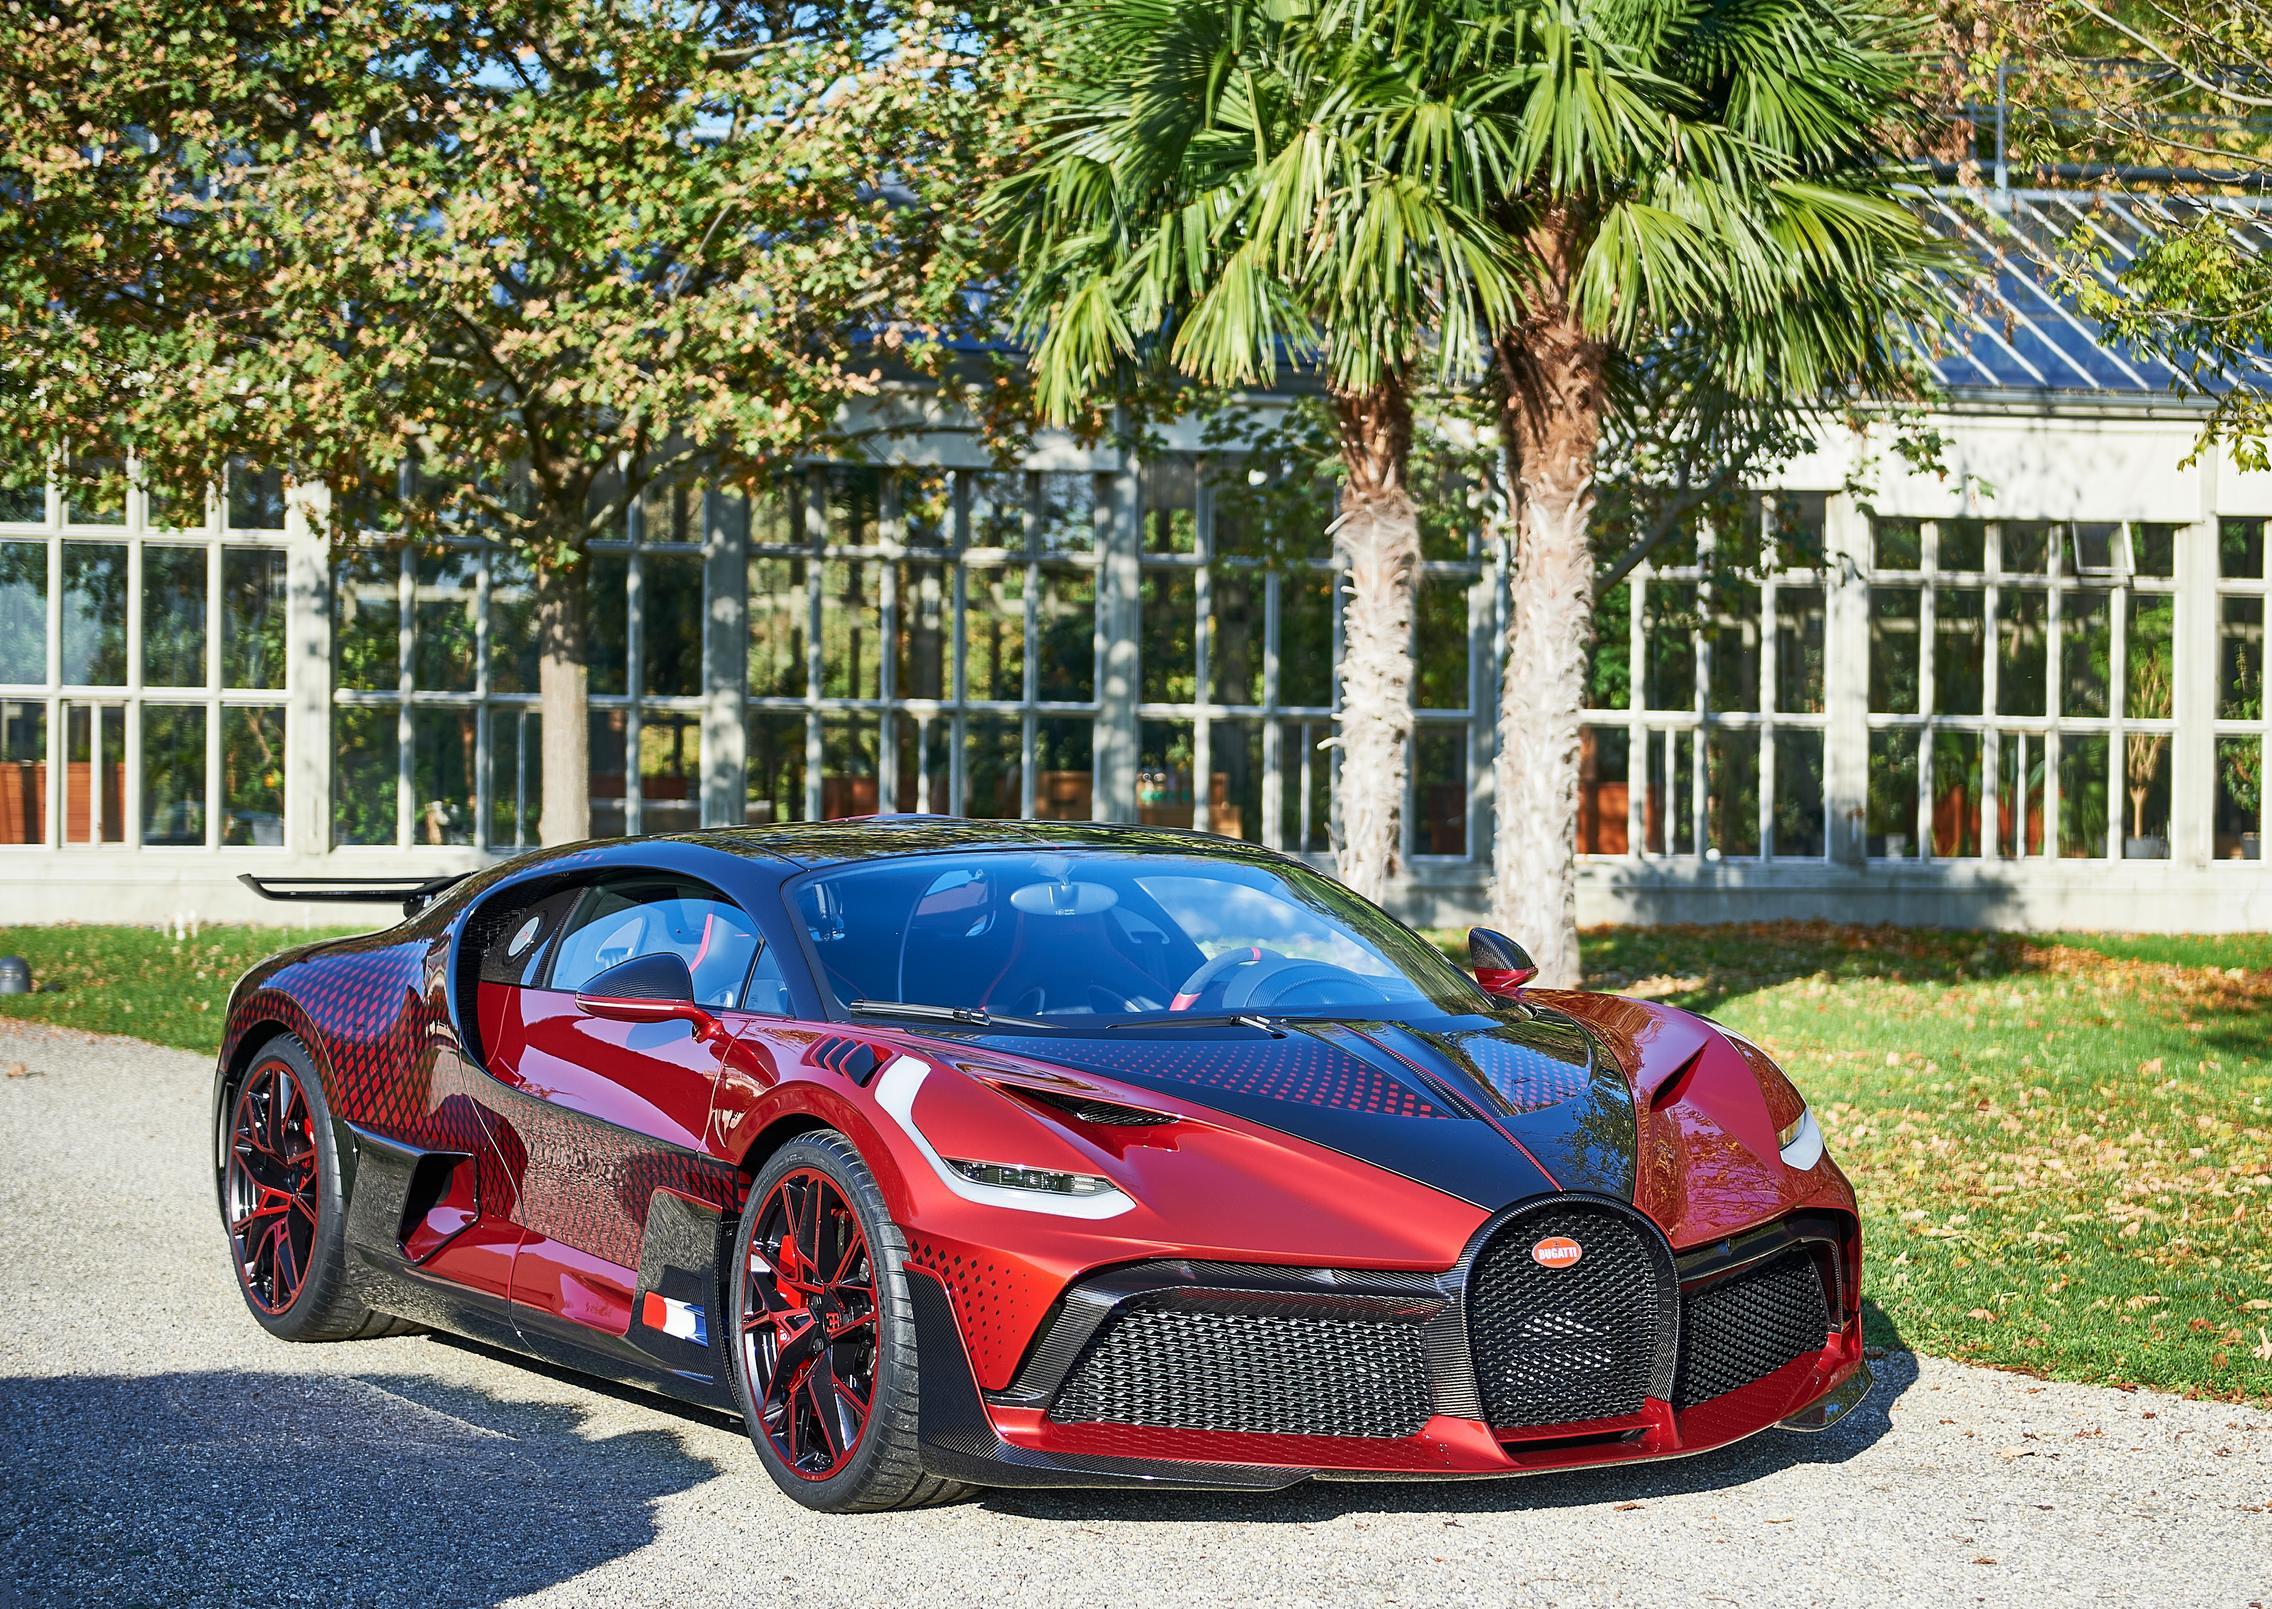 Red Bugatti Divo